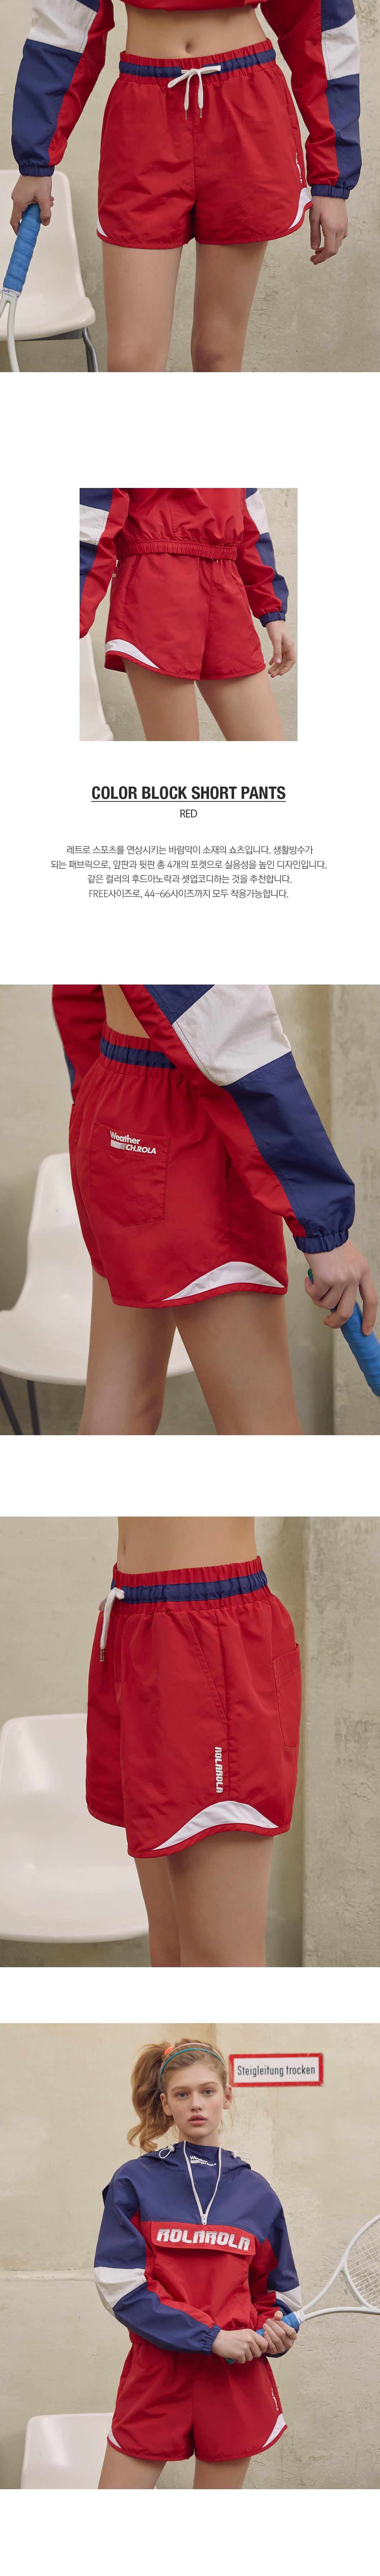 로라로라(ROLAROLA) (PT-19161) COLOR BLOCK SHORT PANTS RED